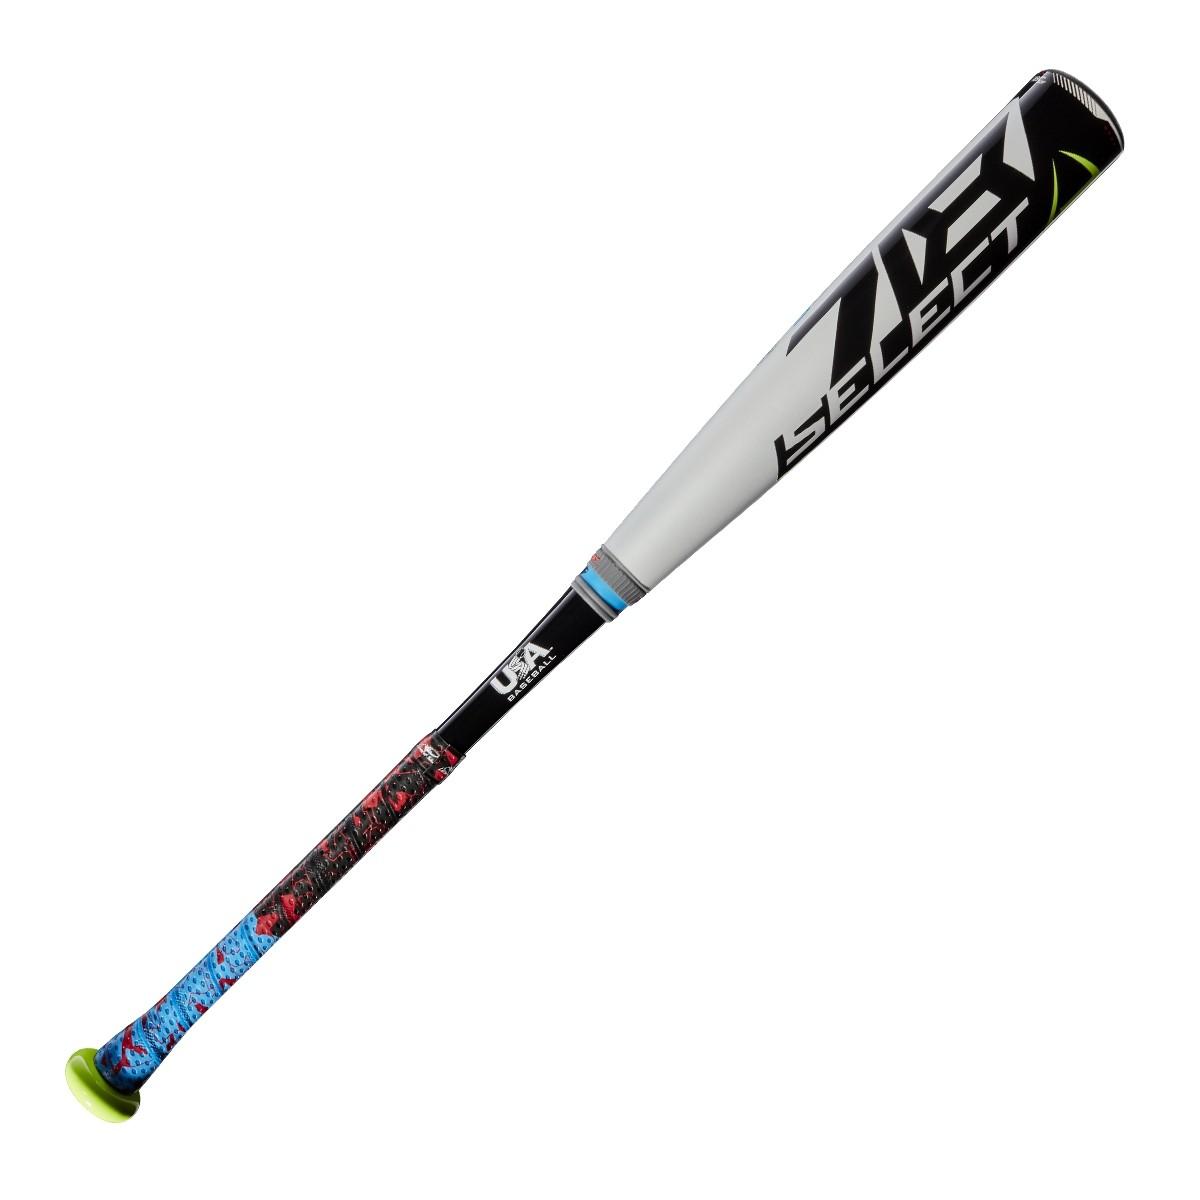 Louisville Slugger 2018 Select 718 USA Baseball Bat (-5)